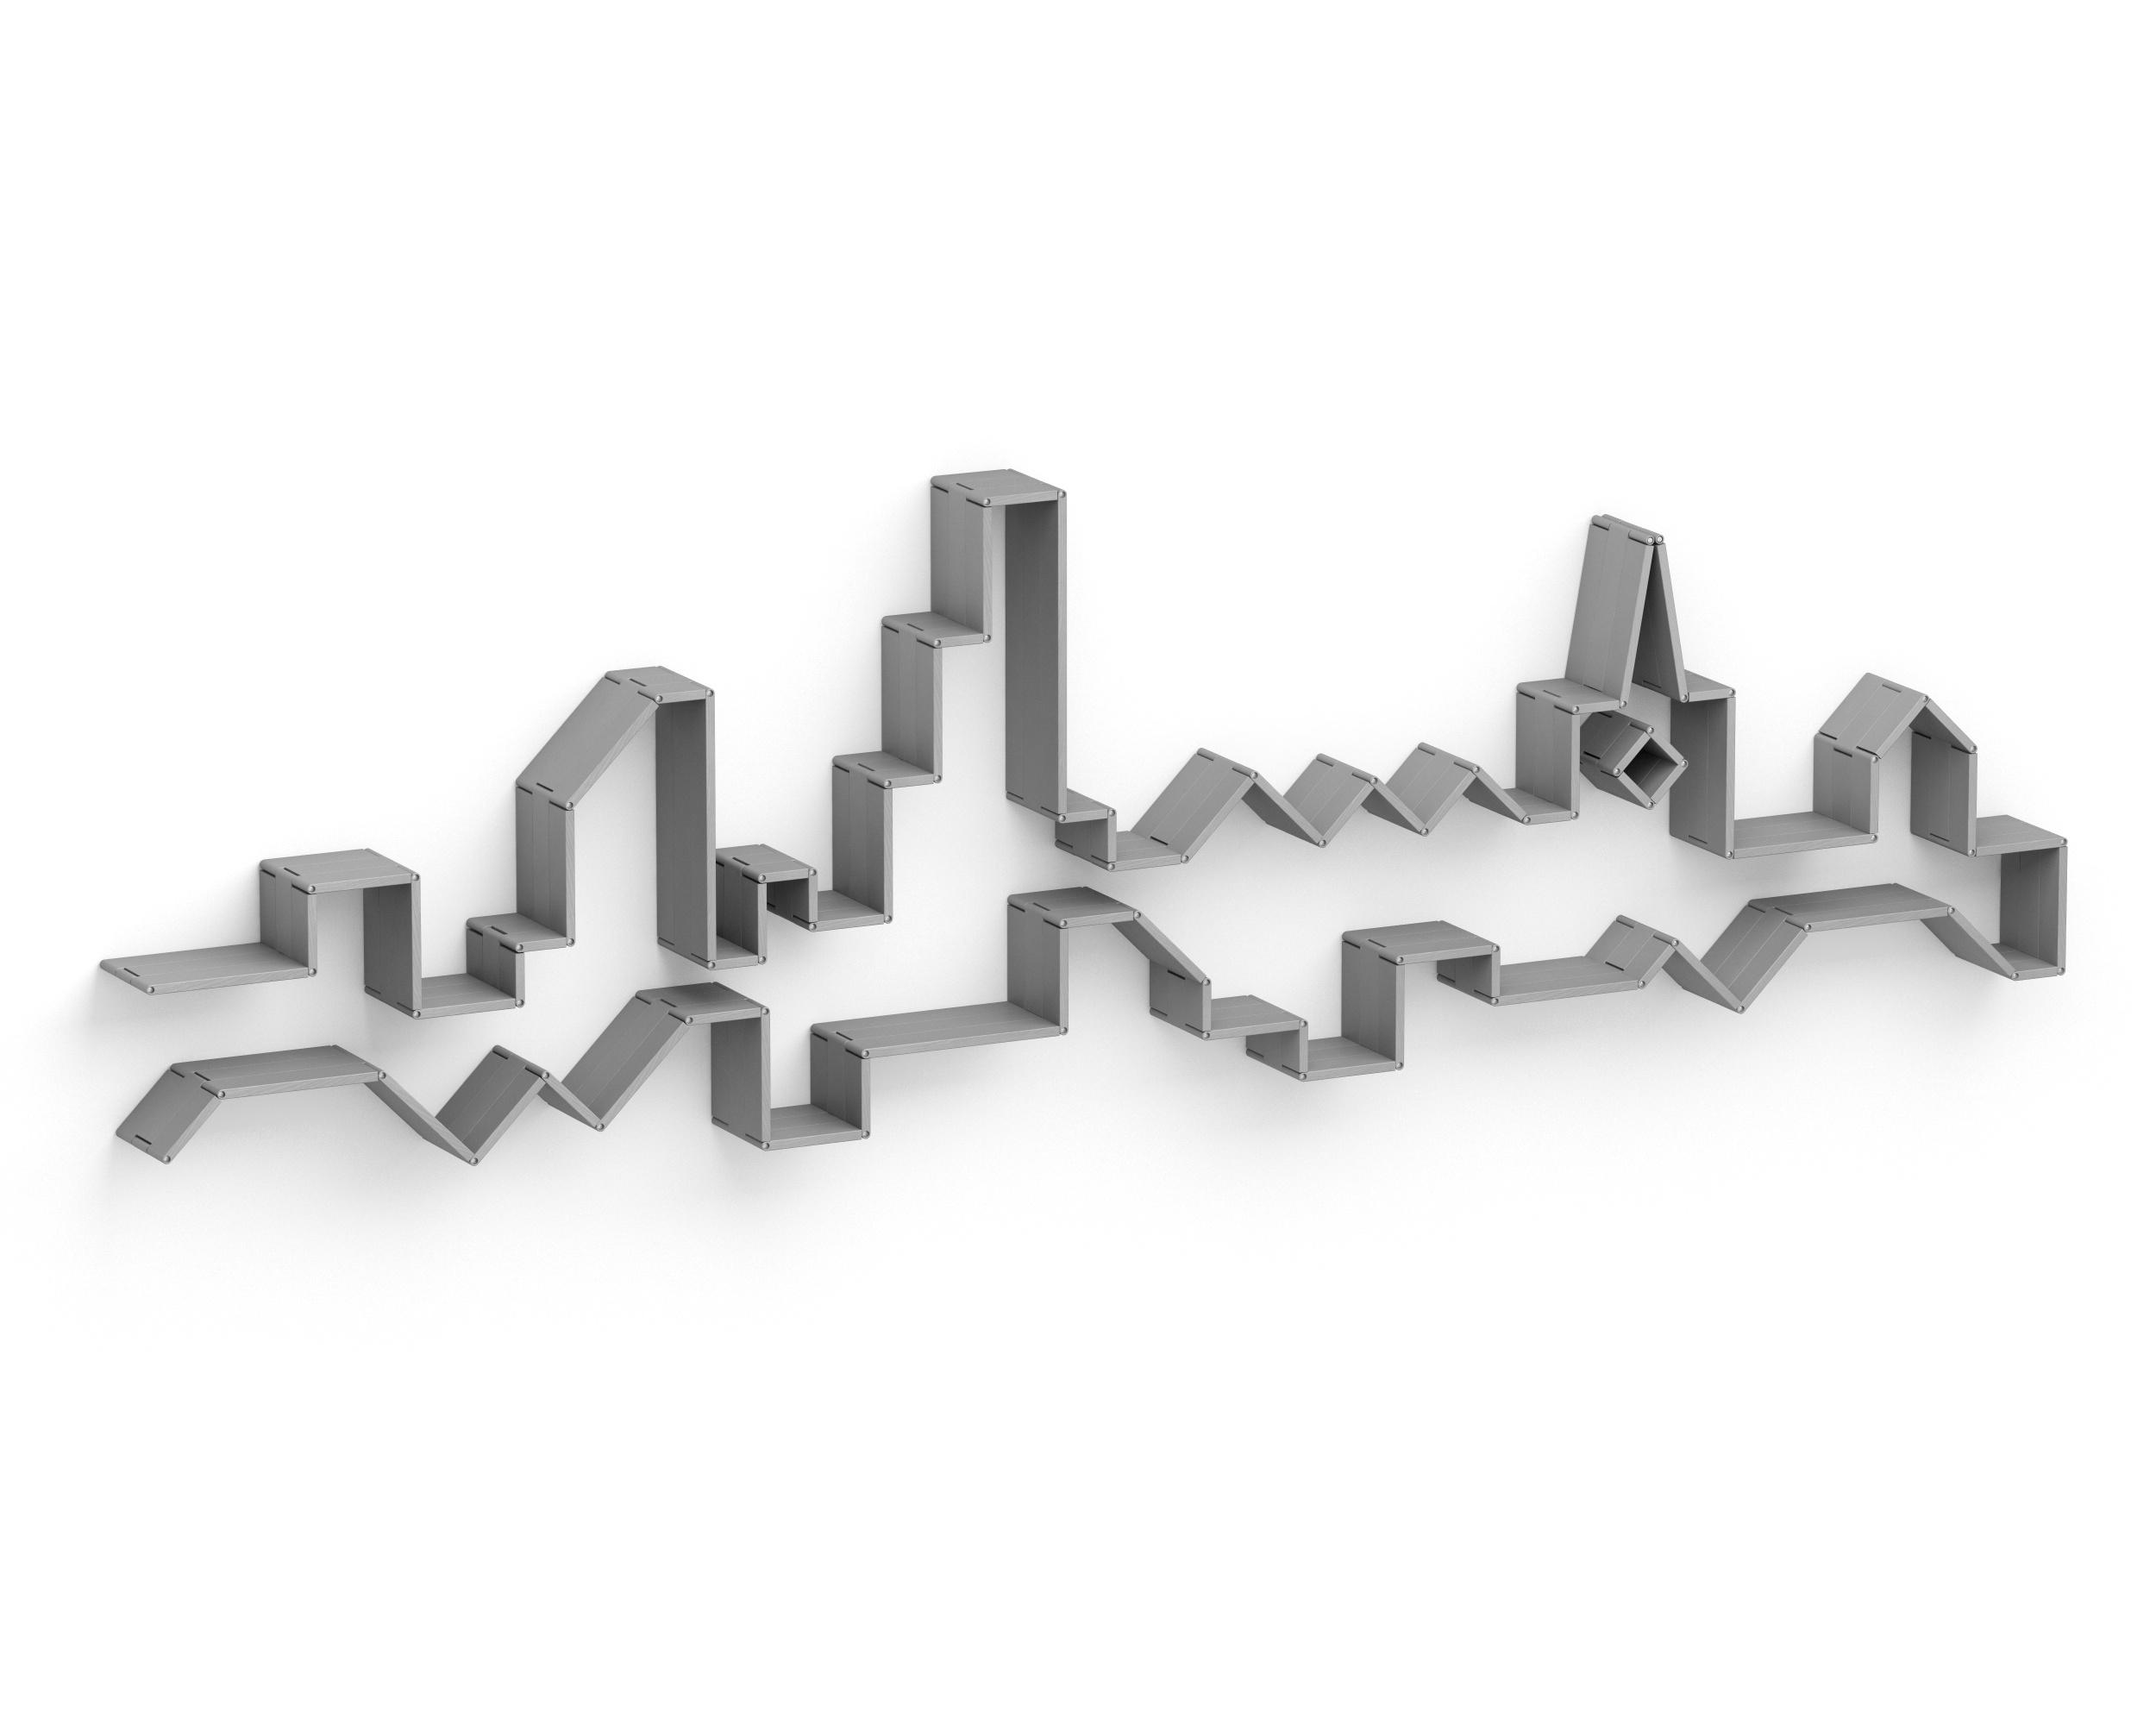 Полка-конструктор LATITUDE Flex Shelf set 181Полки<br>Мегаполис ? это особая красота, которая очаровывает не хуже природной. &amp;quot;Latitude Flex Shelf Set 101&amp;quot; является лучшим тому доказательством. В оригинальных пропорциях полки угадываются очертания городского горизонта, составленного множеством небоскребов. Пусть детали и окрашены в серый цвет, они не привносят в оформление скуку и холодность. Напротив, оригинальный дизайн одаривает пространство теплом... Не приветливостью домашнего уюта, а эклектичным теплом, идеальным для современных интерьеров.1 неделя<br><br>Material: Ясень<br>Width см: 400<br>Depth см: 22<br>Height см: 116